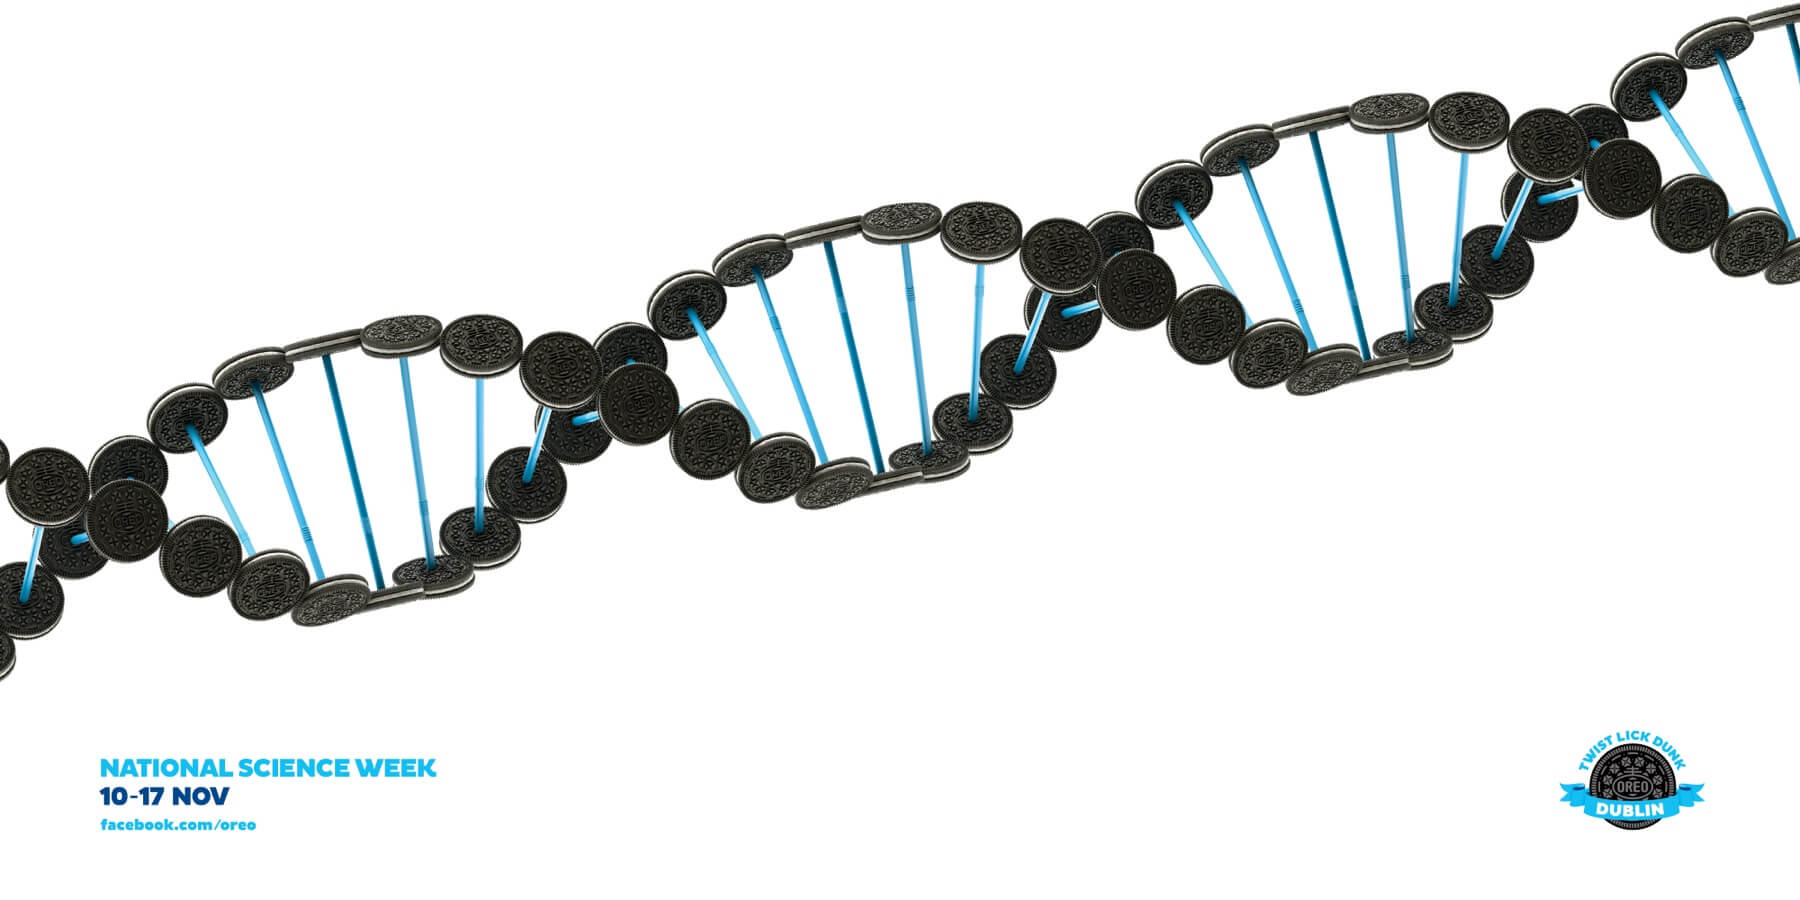 #CuandoLaPublicidad ¡Llena tu ADN… de #Oreo!